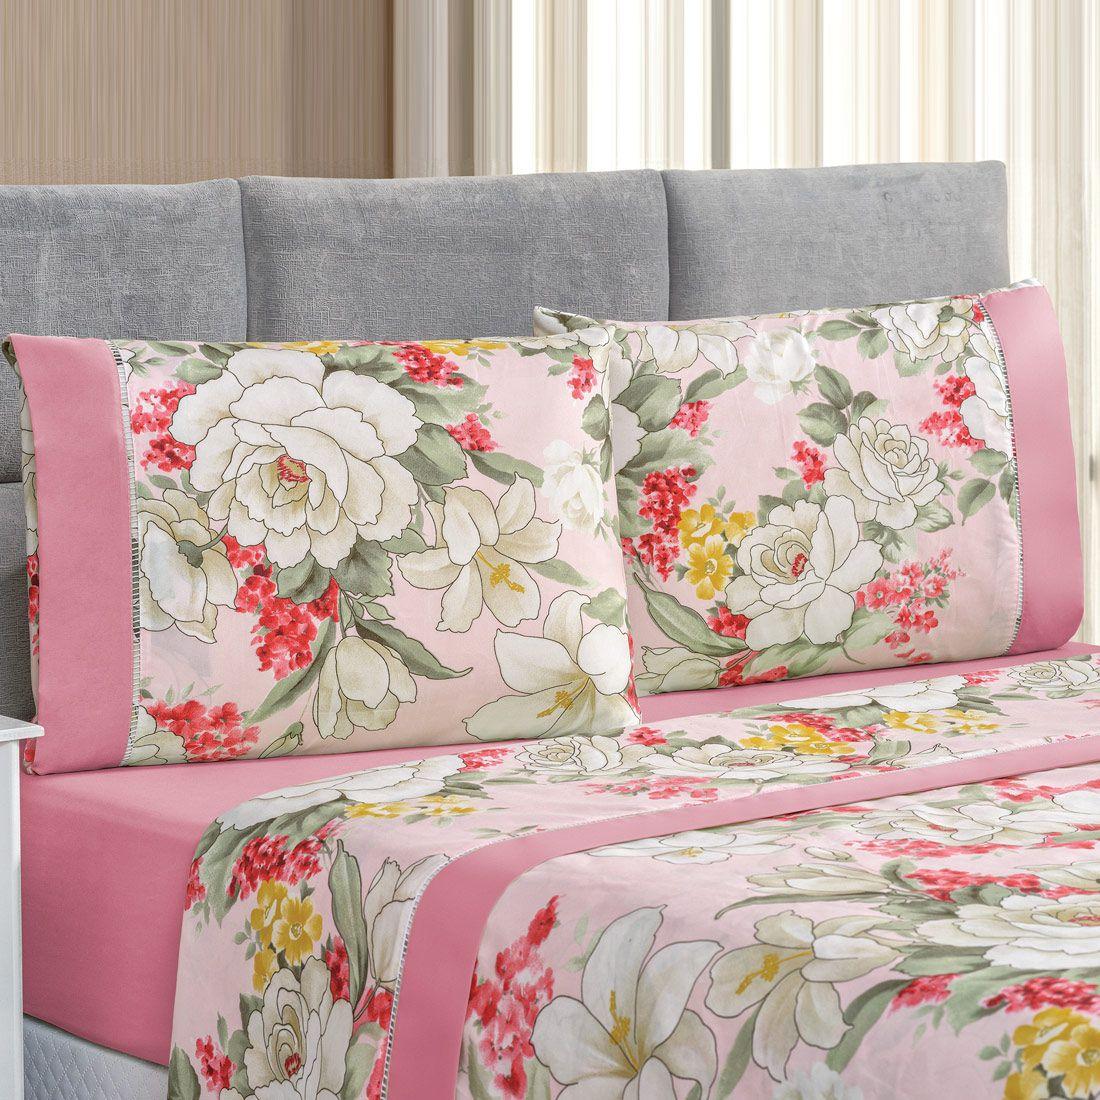 Jogo de Cama Forest Floral Rosa Solteiro Micropercal 200 Fios 03 Peças